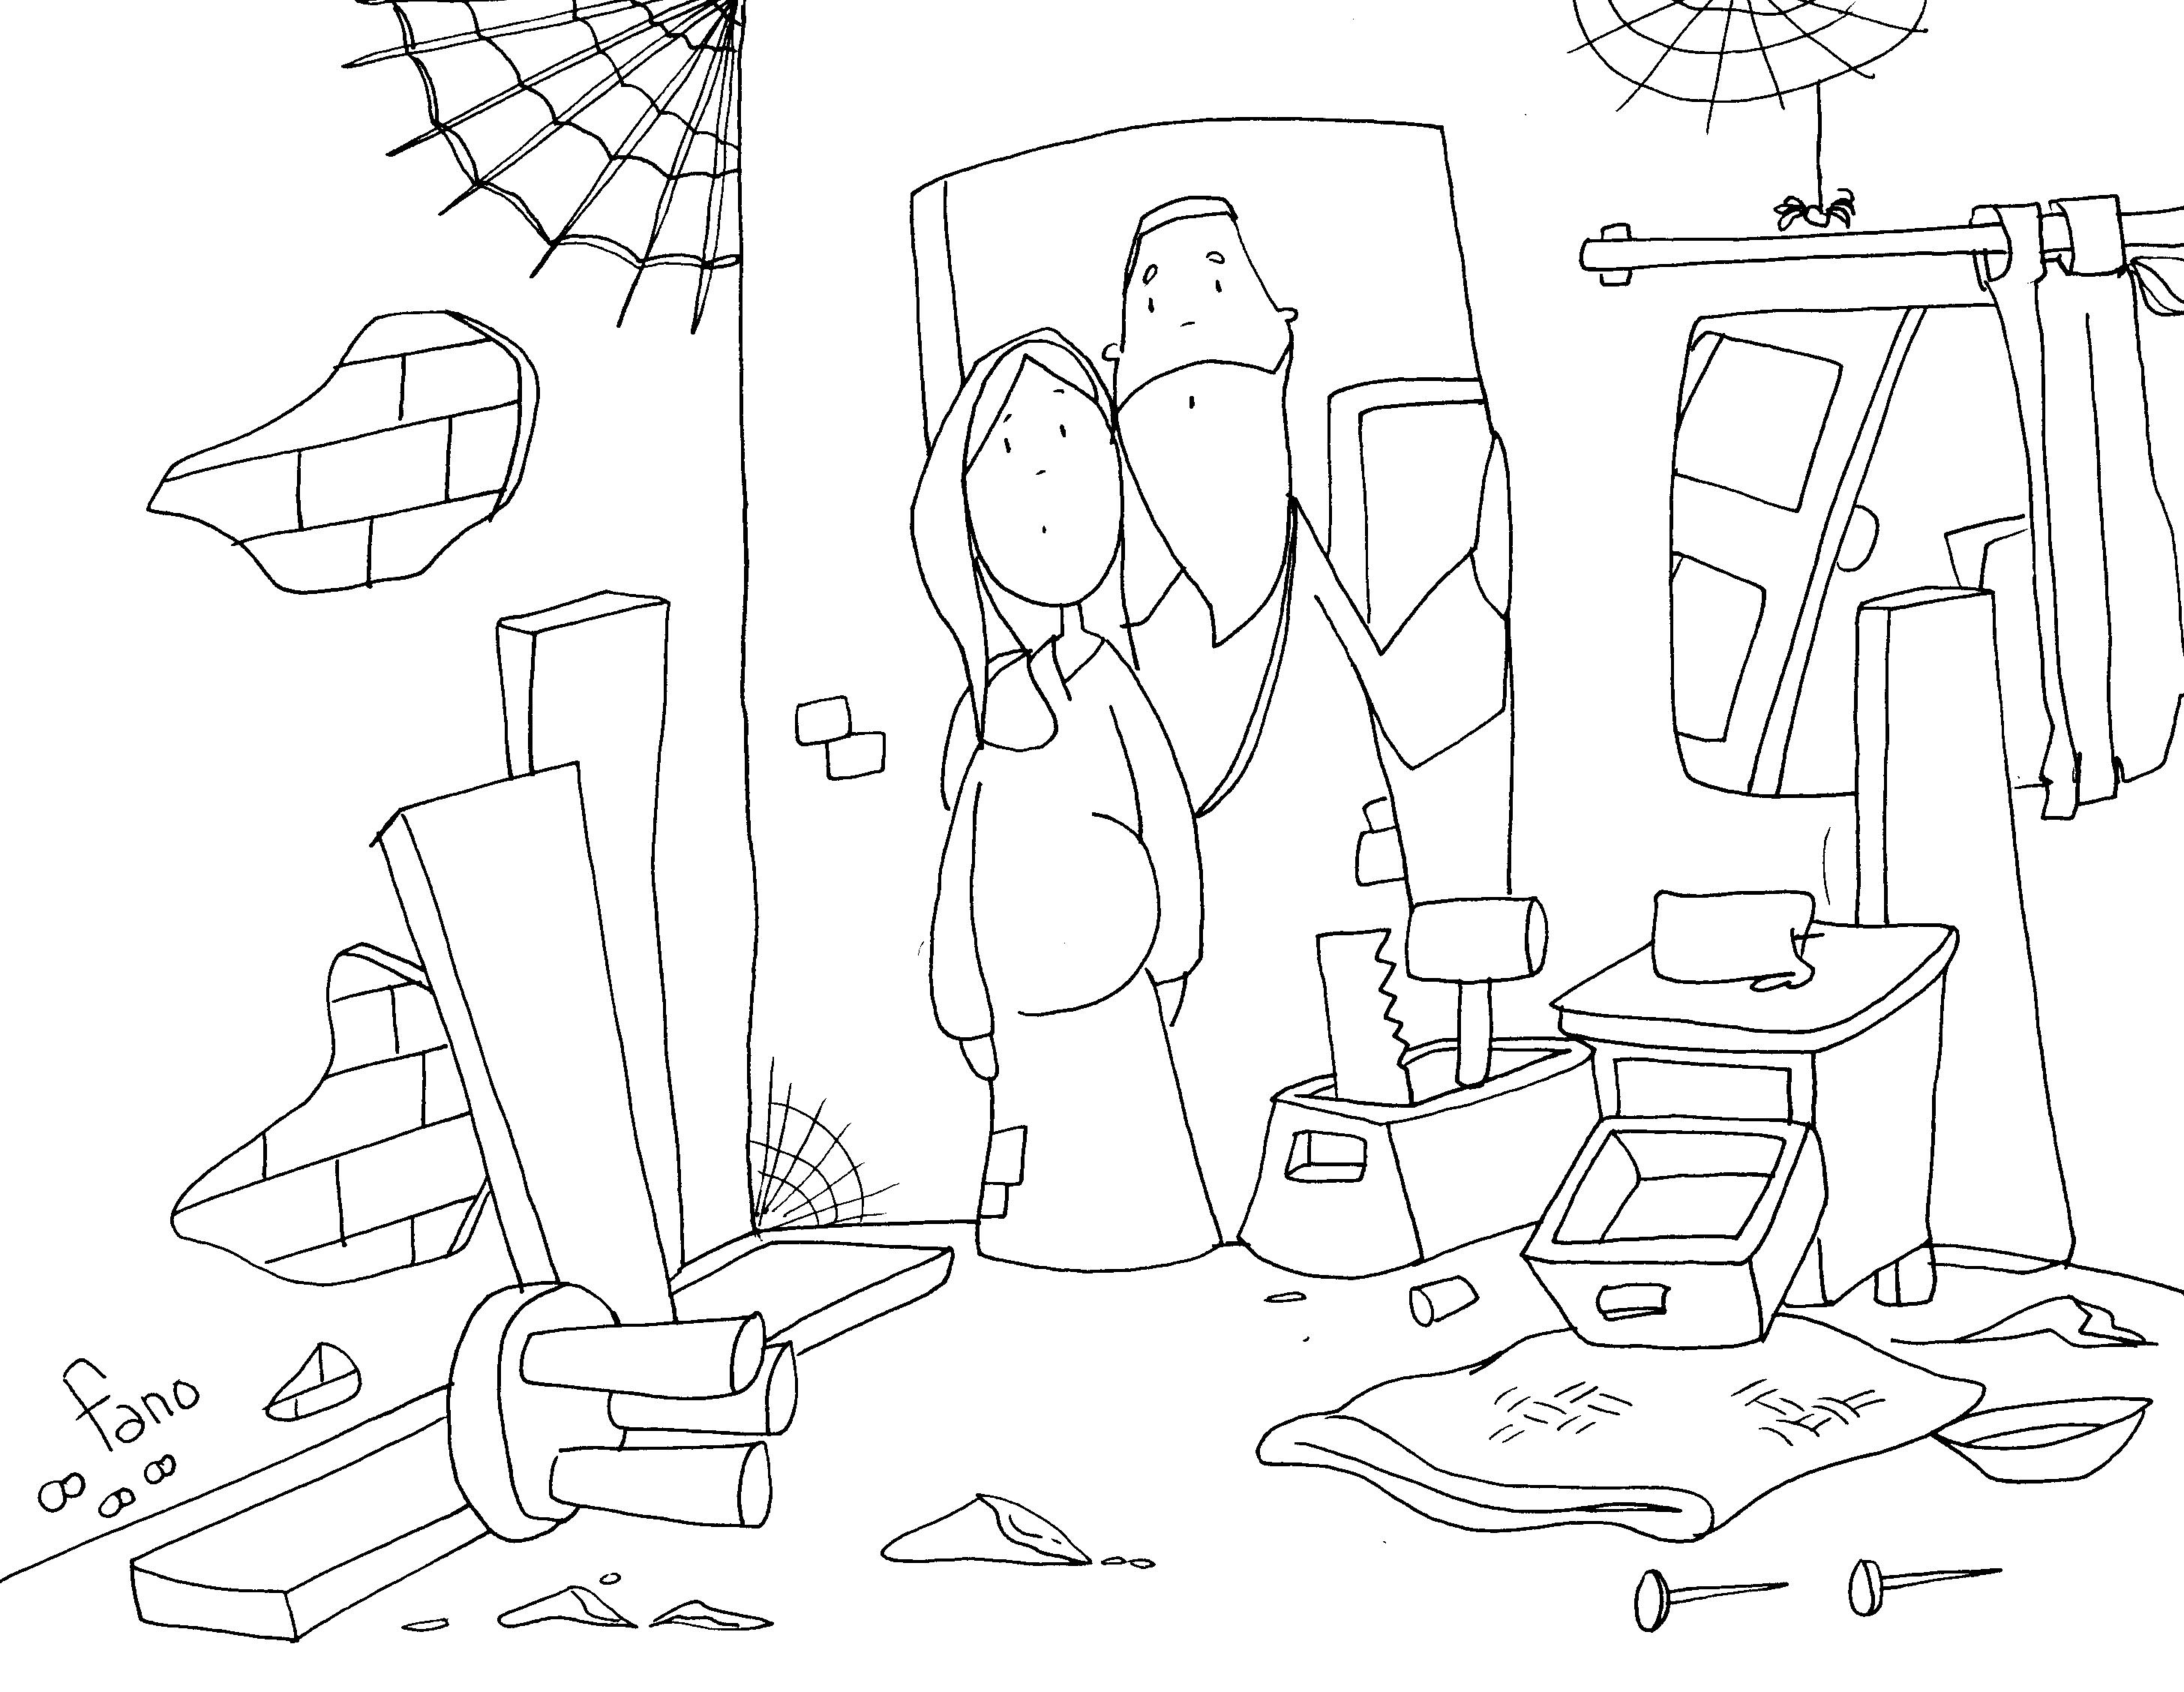 Material catequesis adviento 2010 odres nuevos - Habitacion para colorear ...